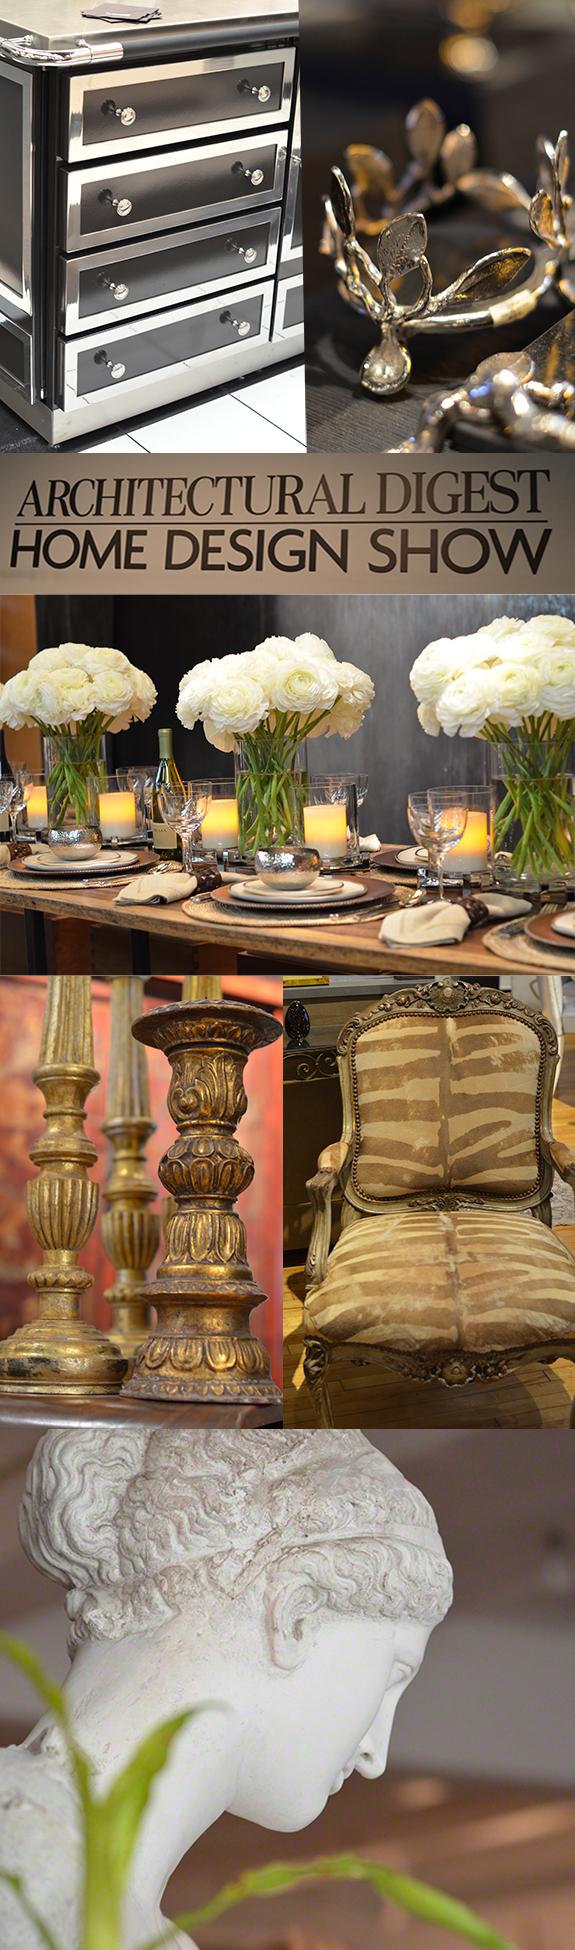 Kitchen Design, entertaining, home accessories